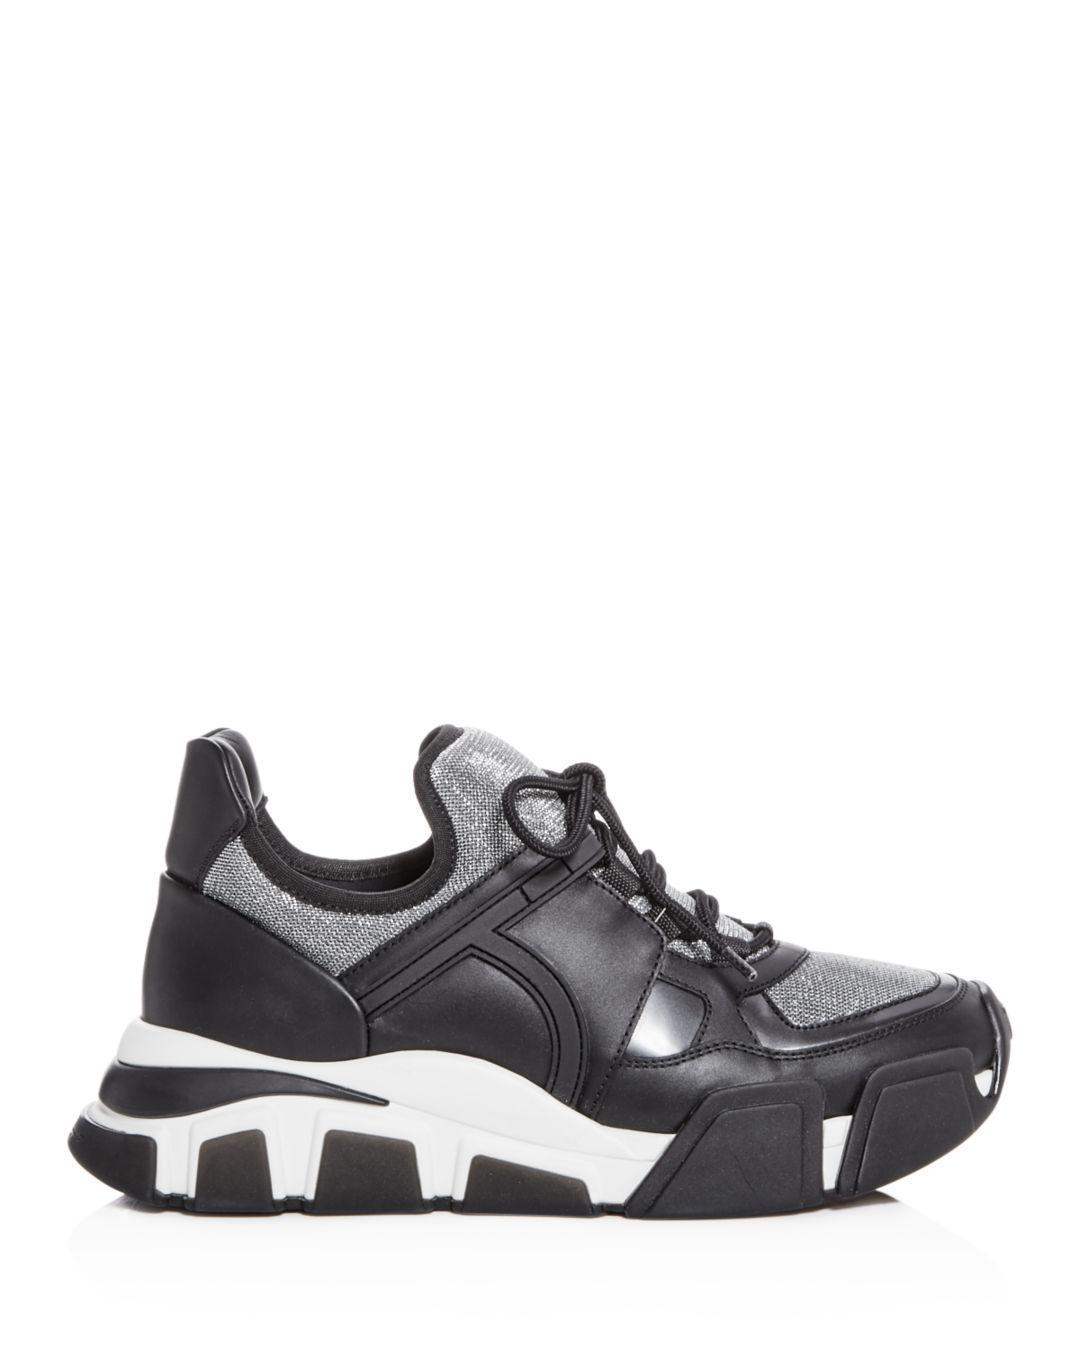 e2799deb86 Lyst - Ferragamo Sneaker Shoe in Black